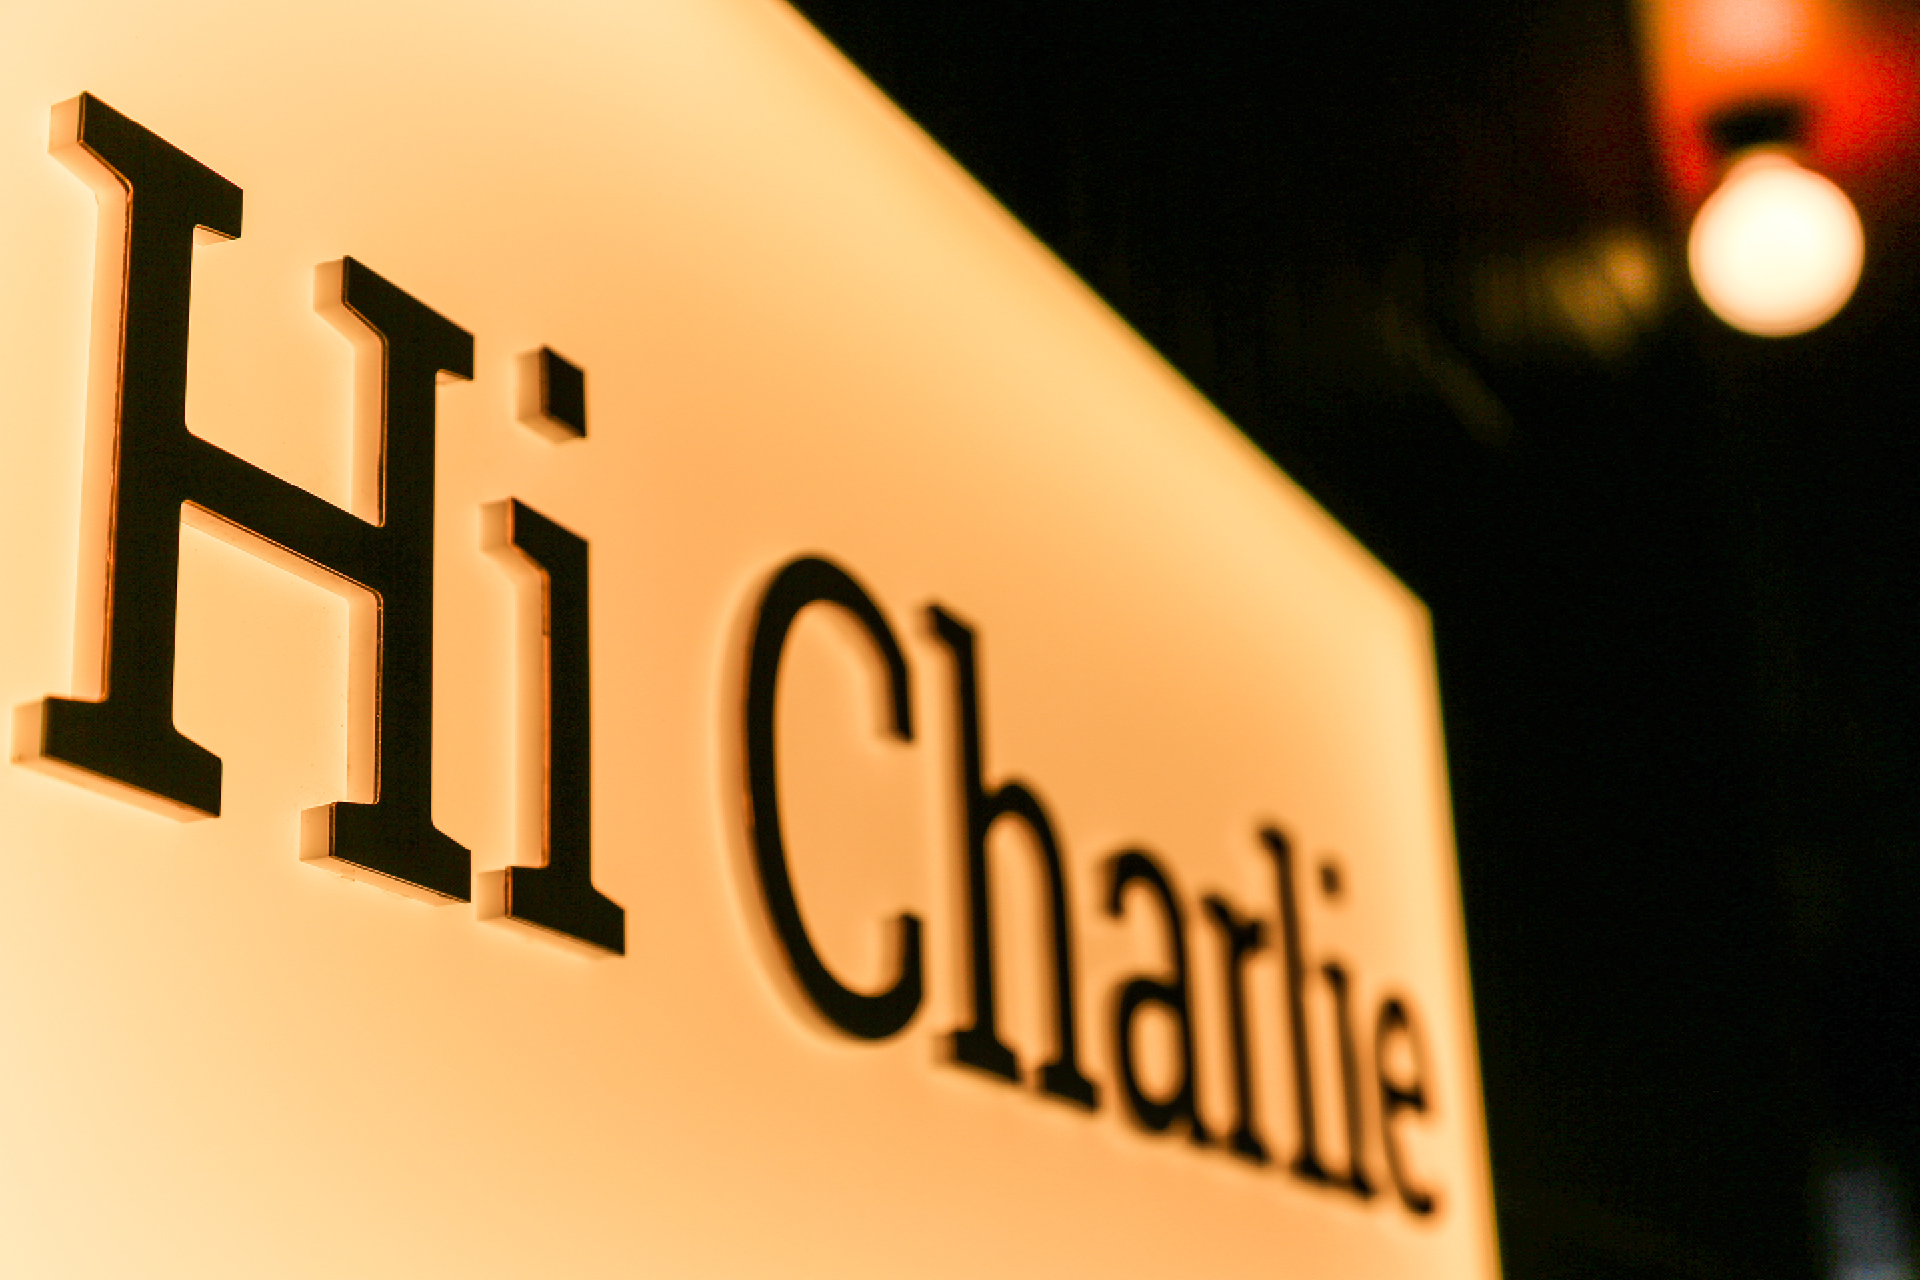 Hi Charlie Poster